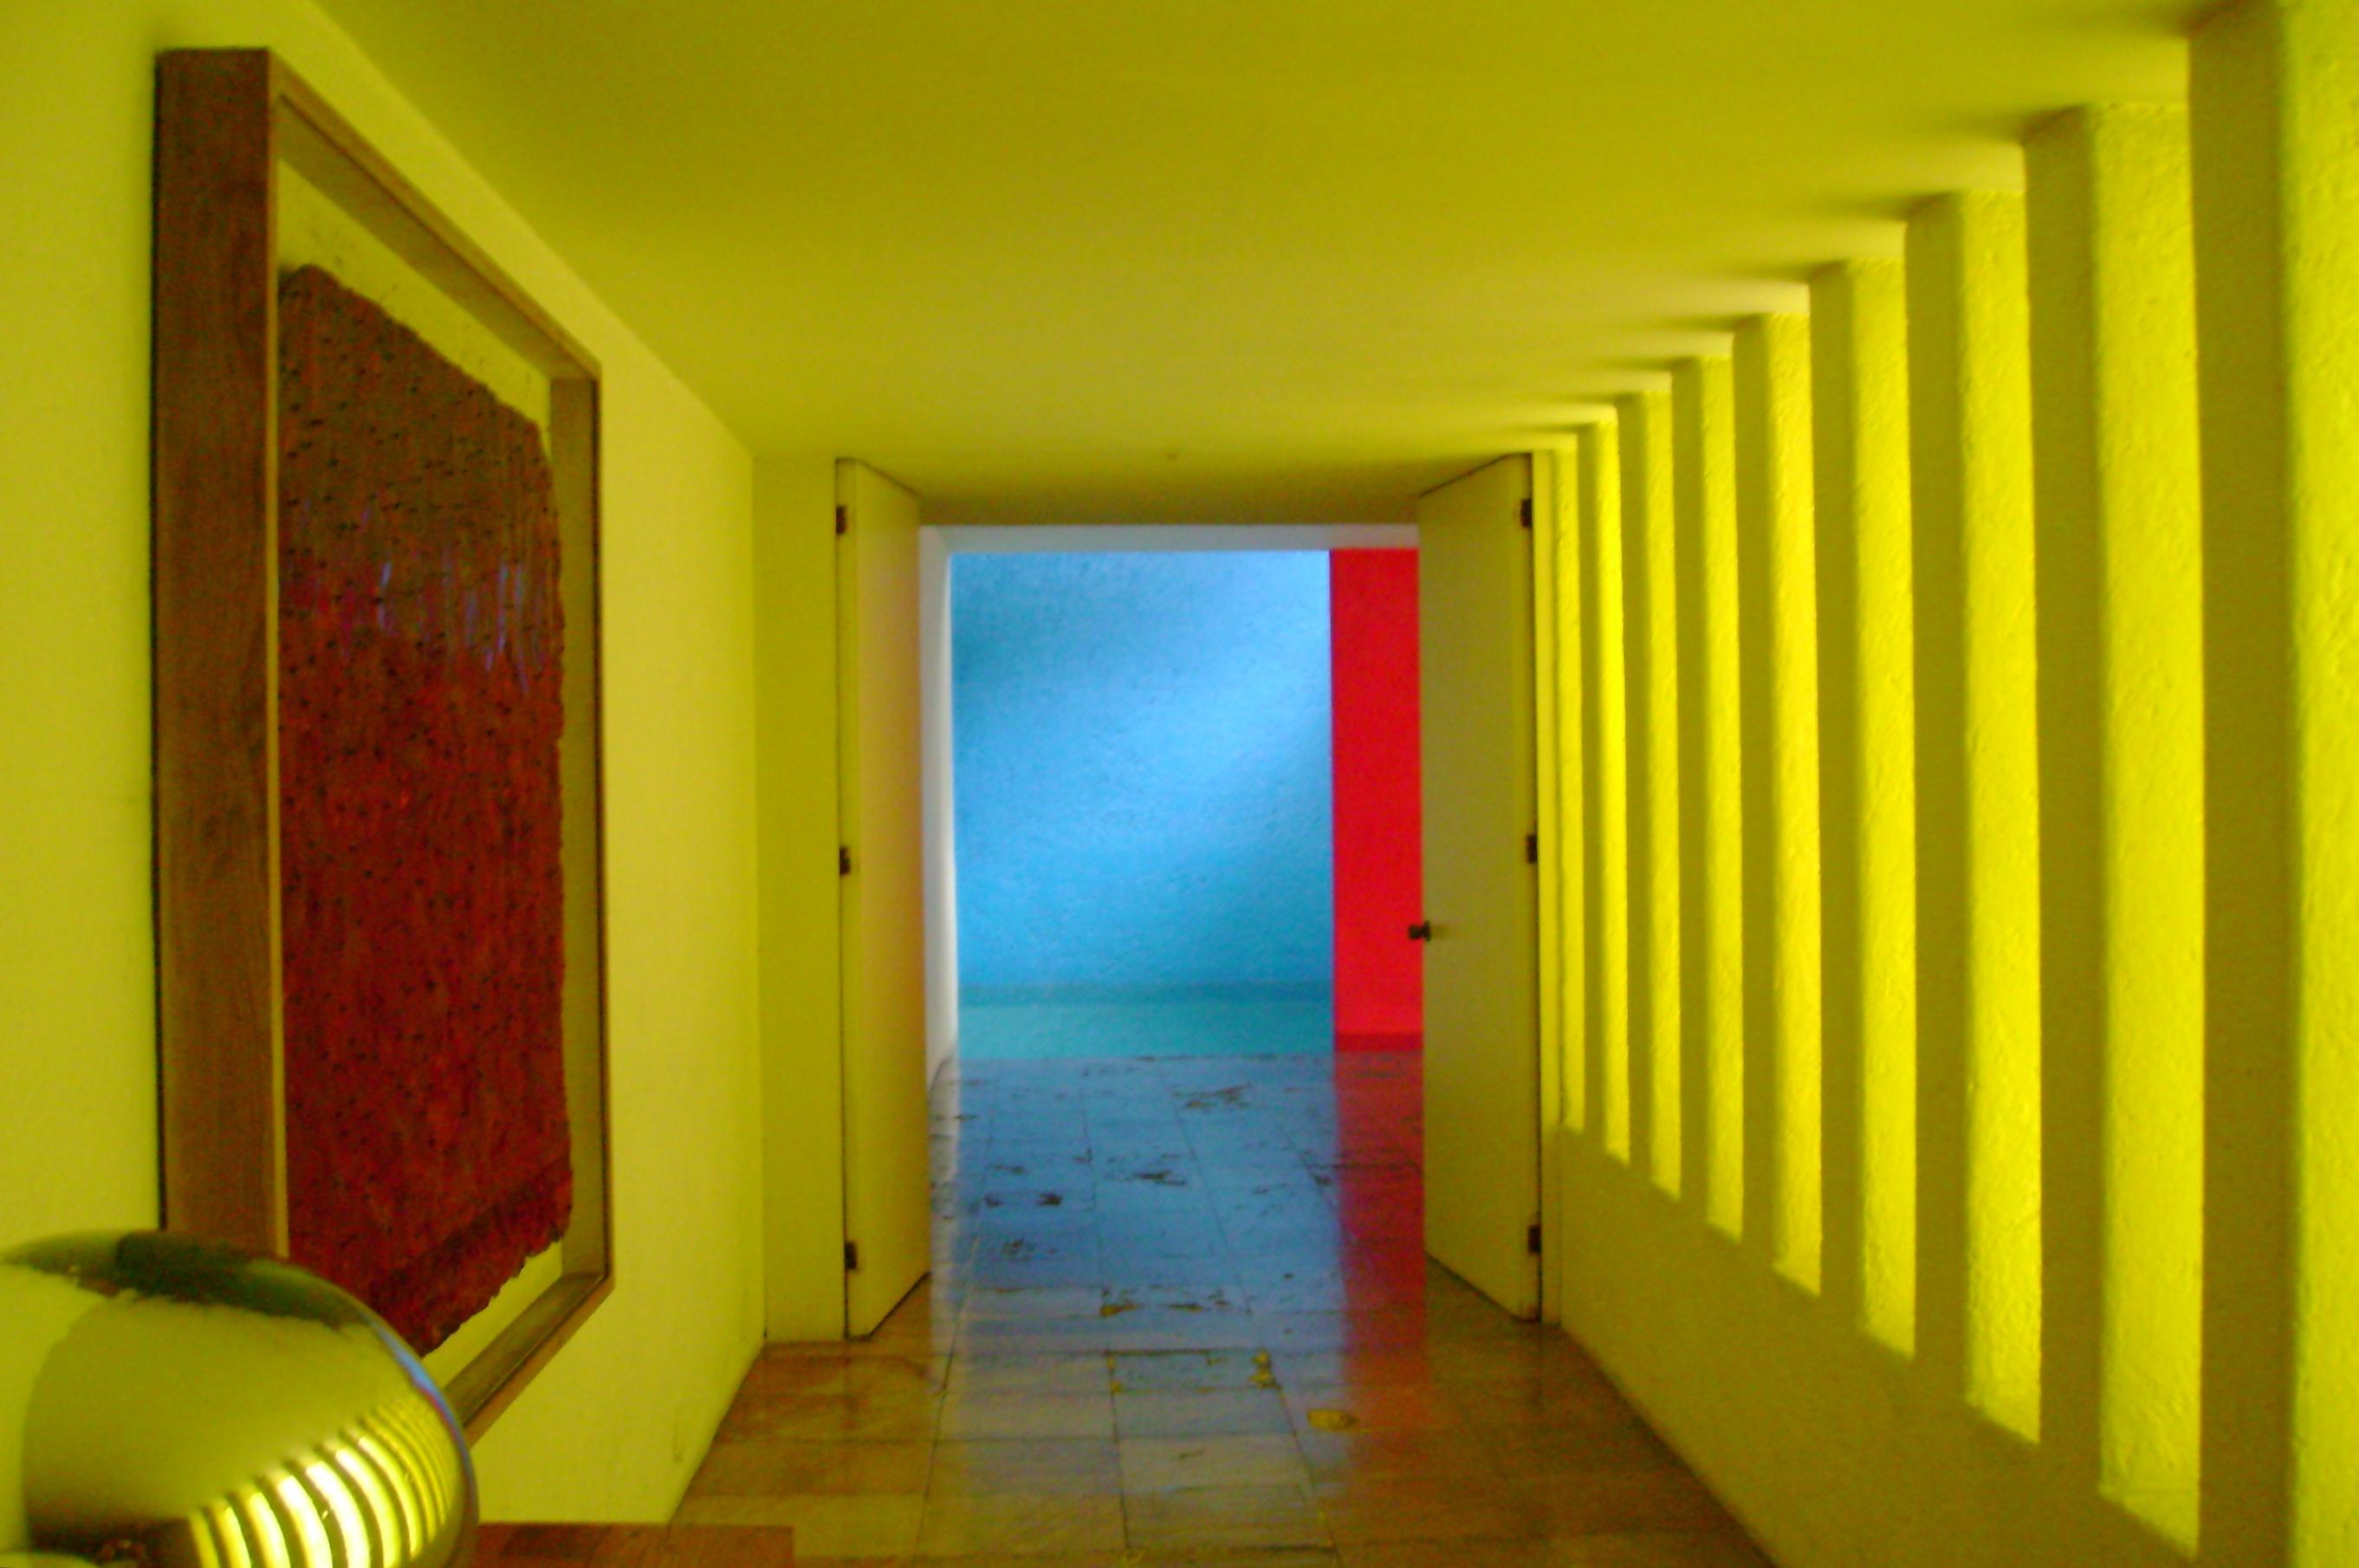 Luis ramiro barrag n morf n 3 obras importantes for Arquitectos y sus obras